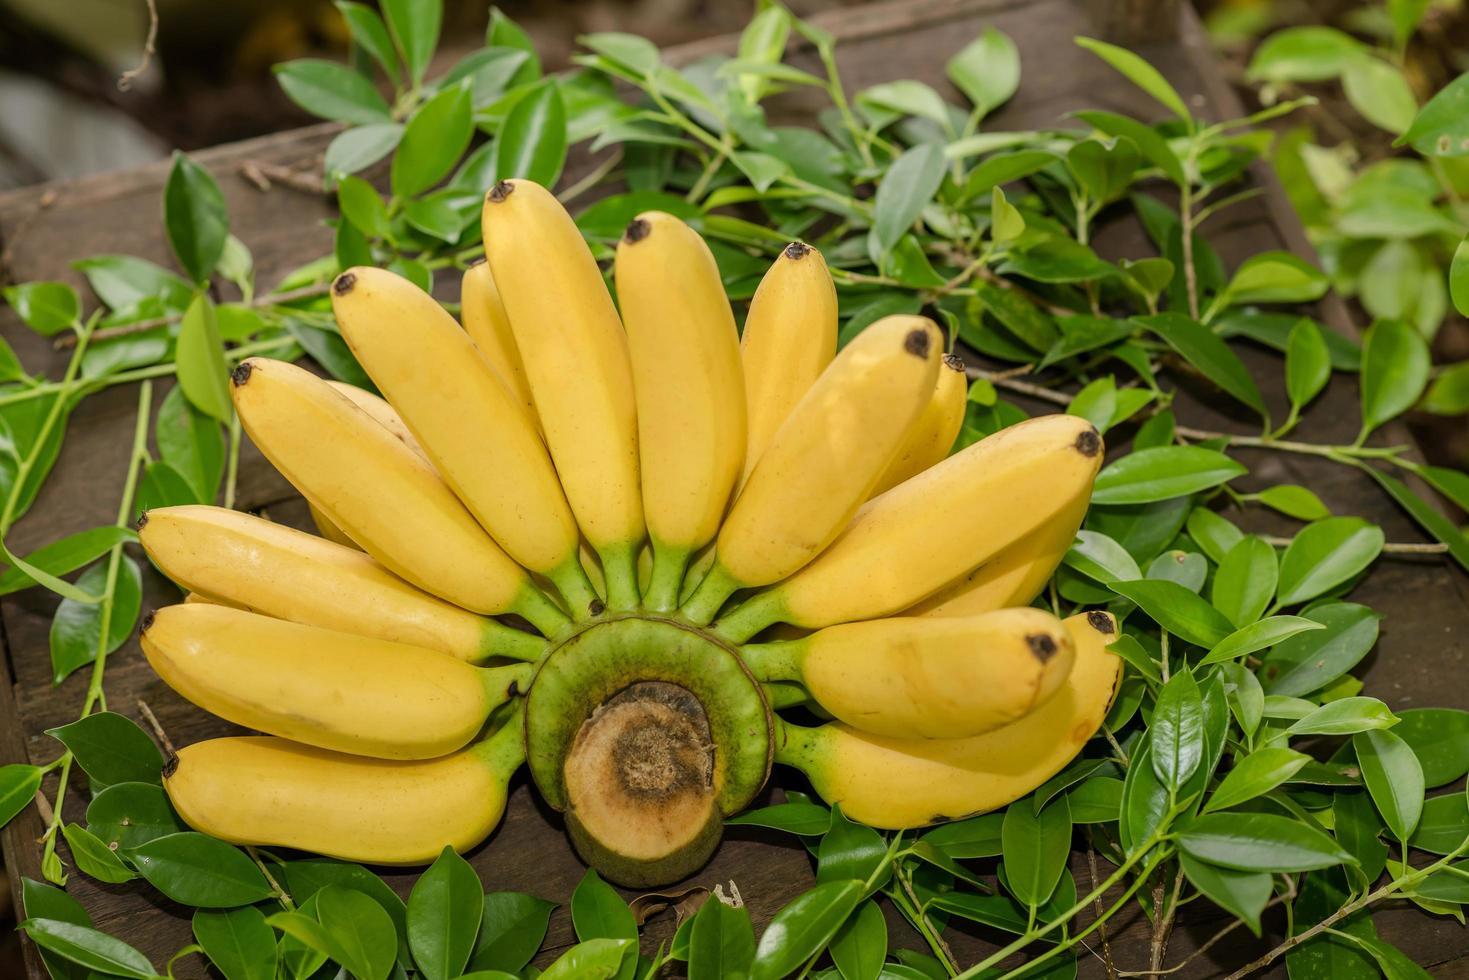 bananes fraîches sur une table photo